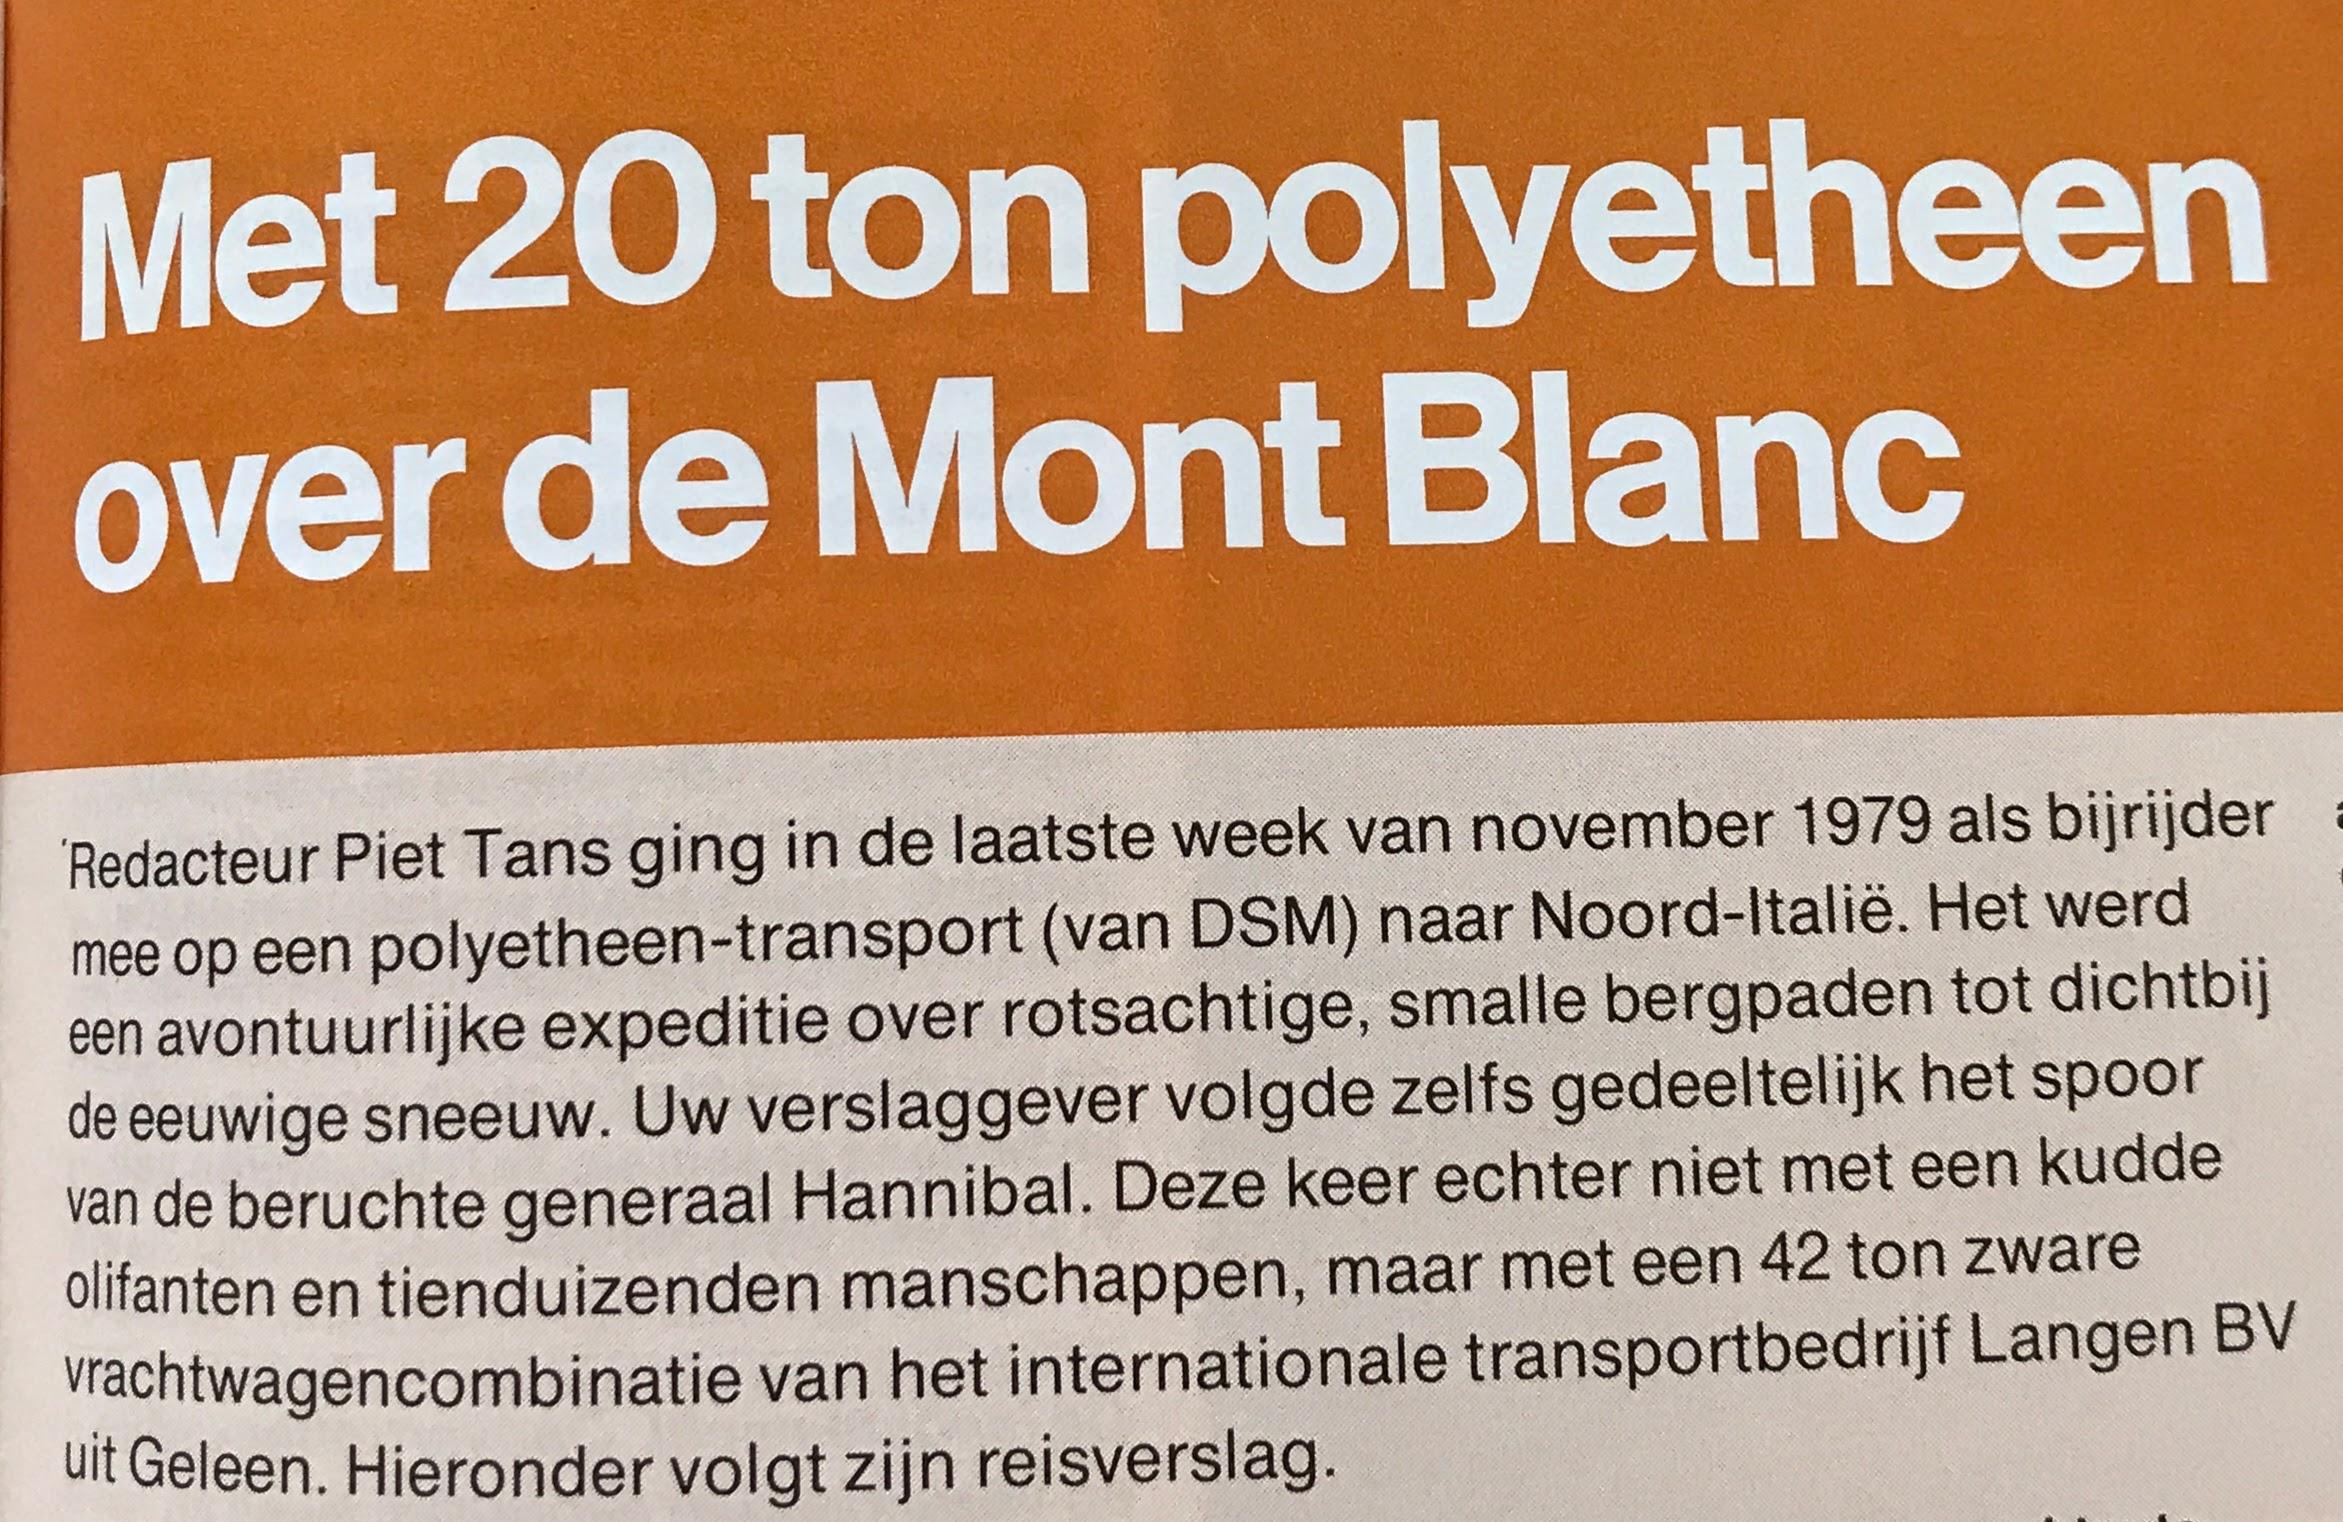 Jan-Kengen-27-11-1979-Ploythyleen-van-Loku-naar-Italie-2